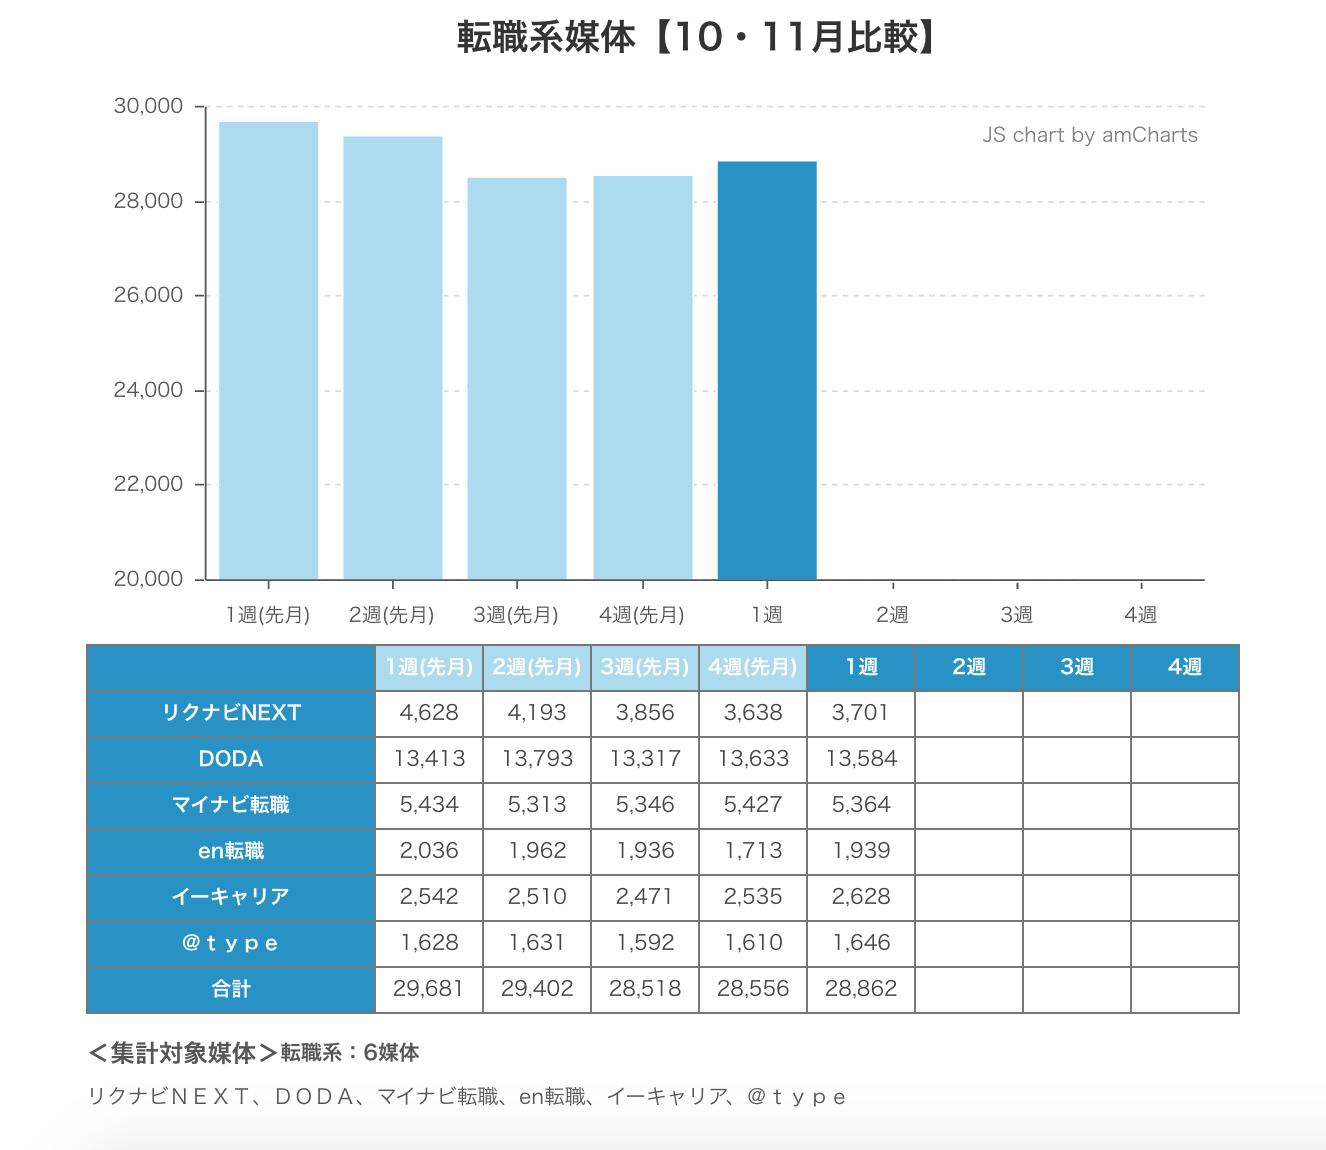 ウィークリー求人サイト掲載件数速報 2014年11月1週